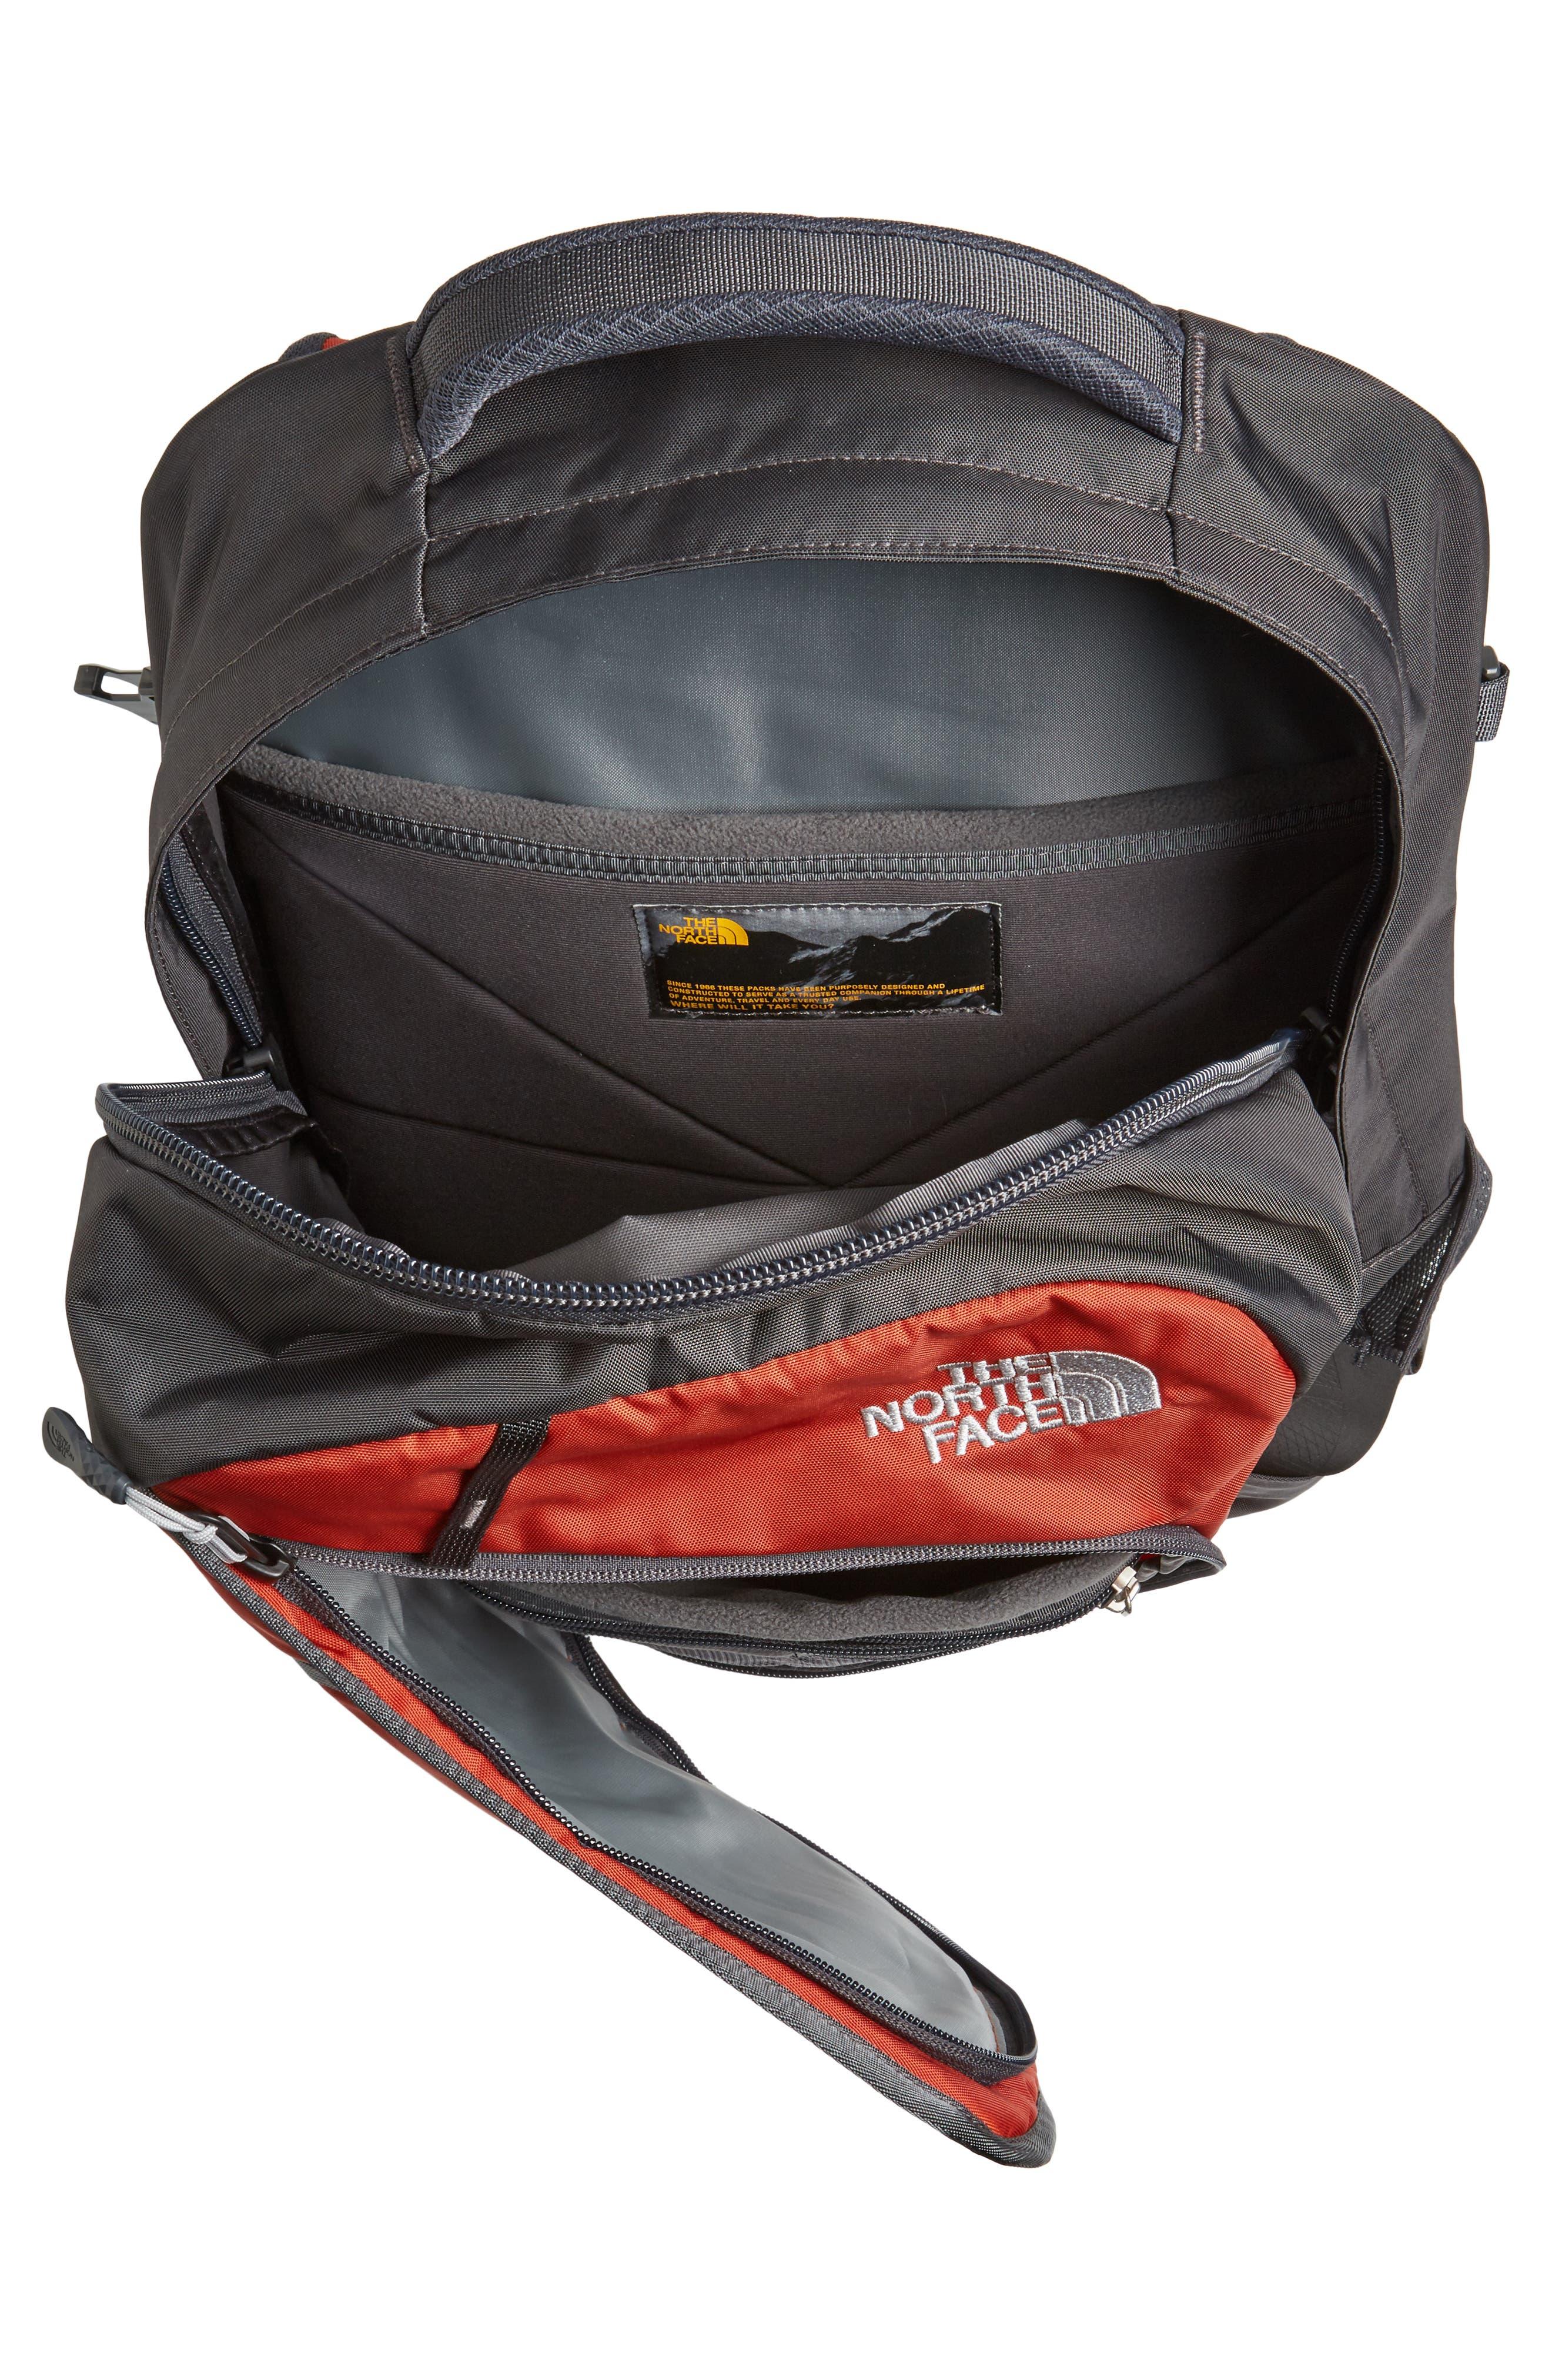 Hot Shot Backpack,                             Alternate thumbnail 4, color,                             Ketchup Red/ Asphalt Grey